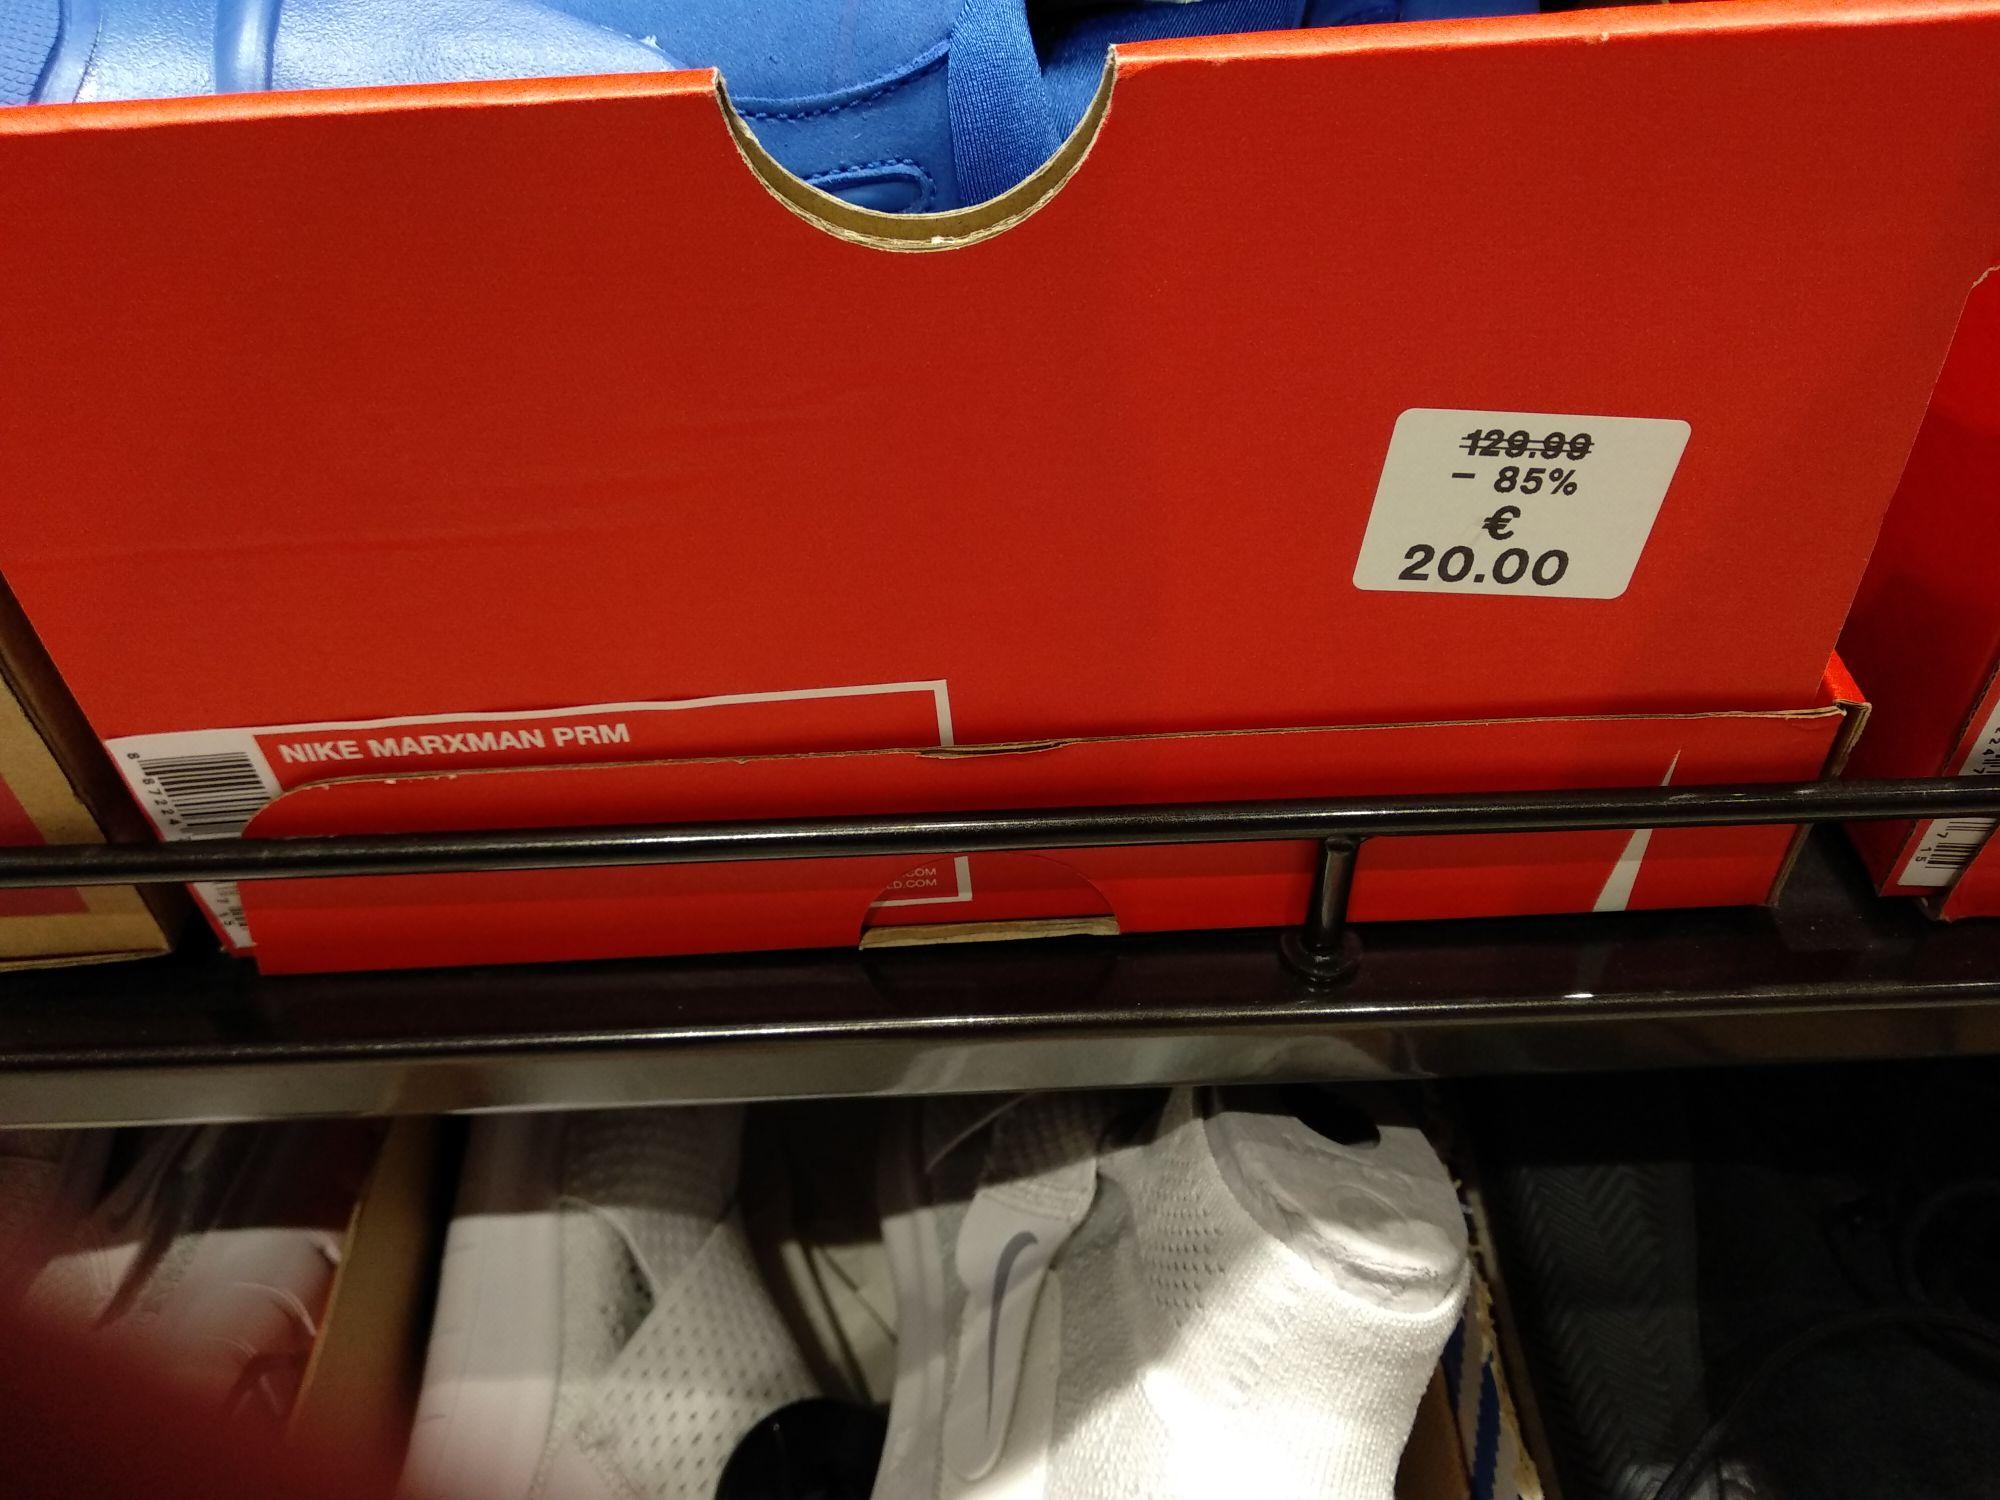 Nike marxman PRM [FootLocker de Sambil Outlet (Leganés)]